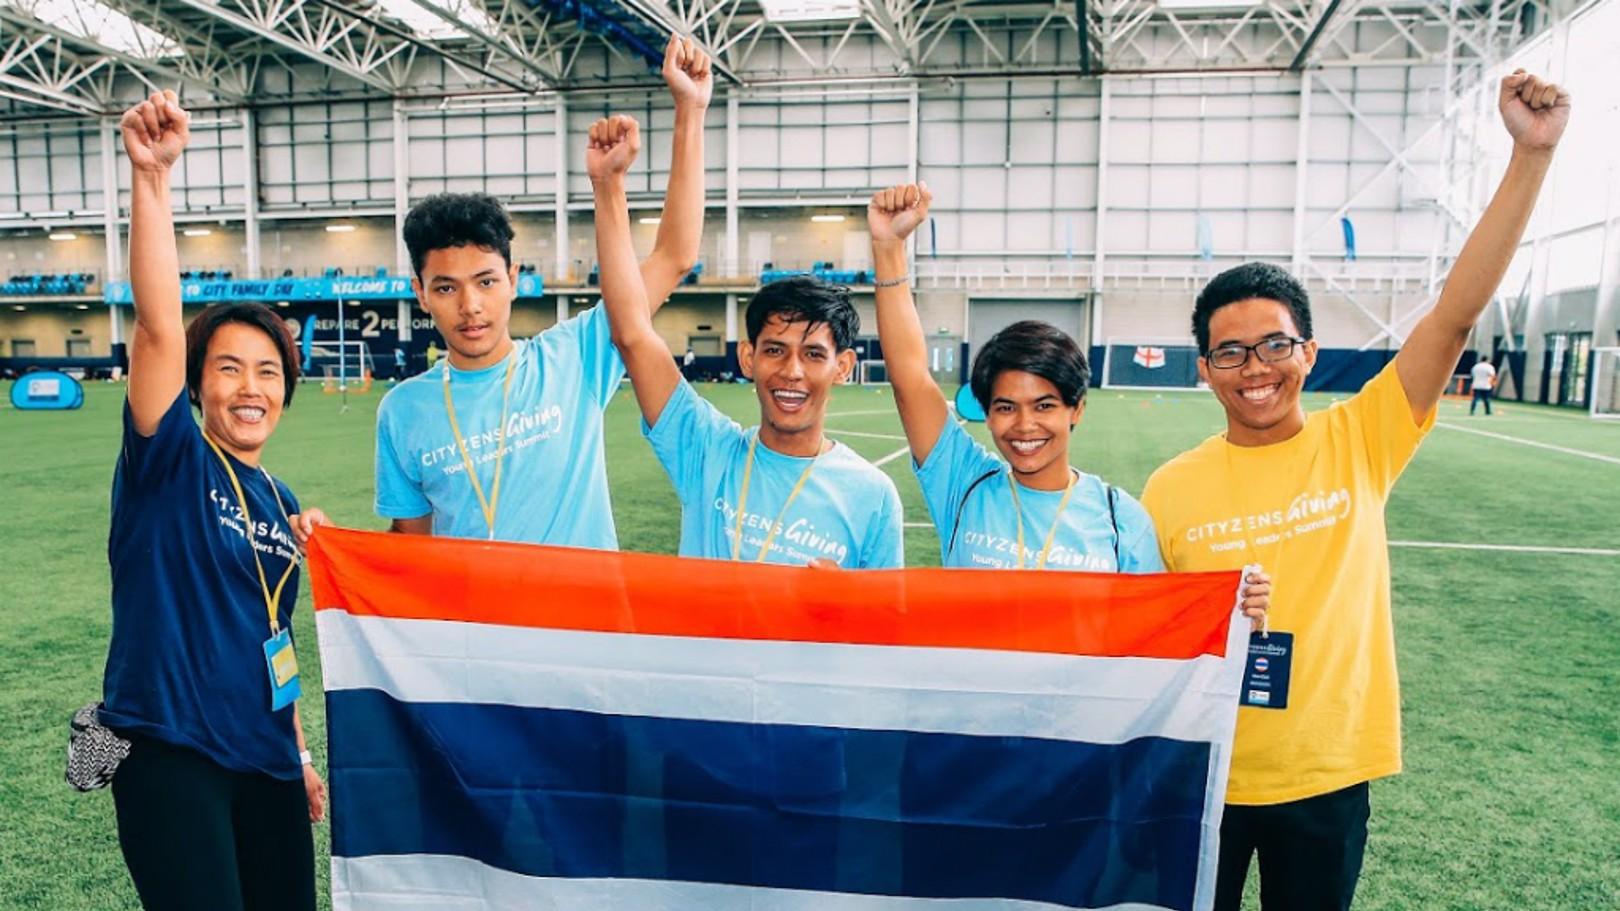 ถึงเวลาอำลา! ตัวแทนเยาวชนไทย ประทับใจกับการเข้าแคมพ์ติวเข้มเพื่อพัฒนาชุมชนที่ซิตี้ ฟุตบอล อะคาเดมี่